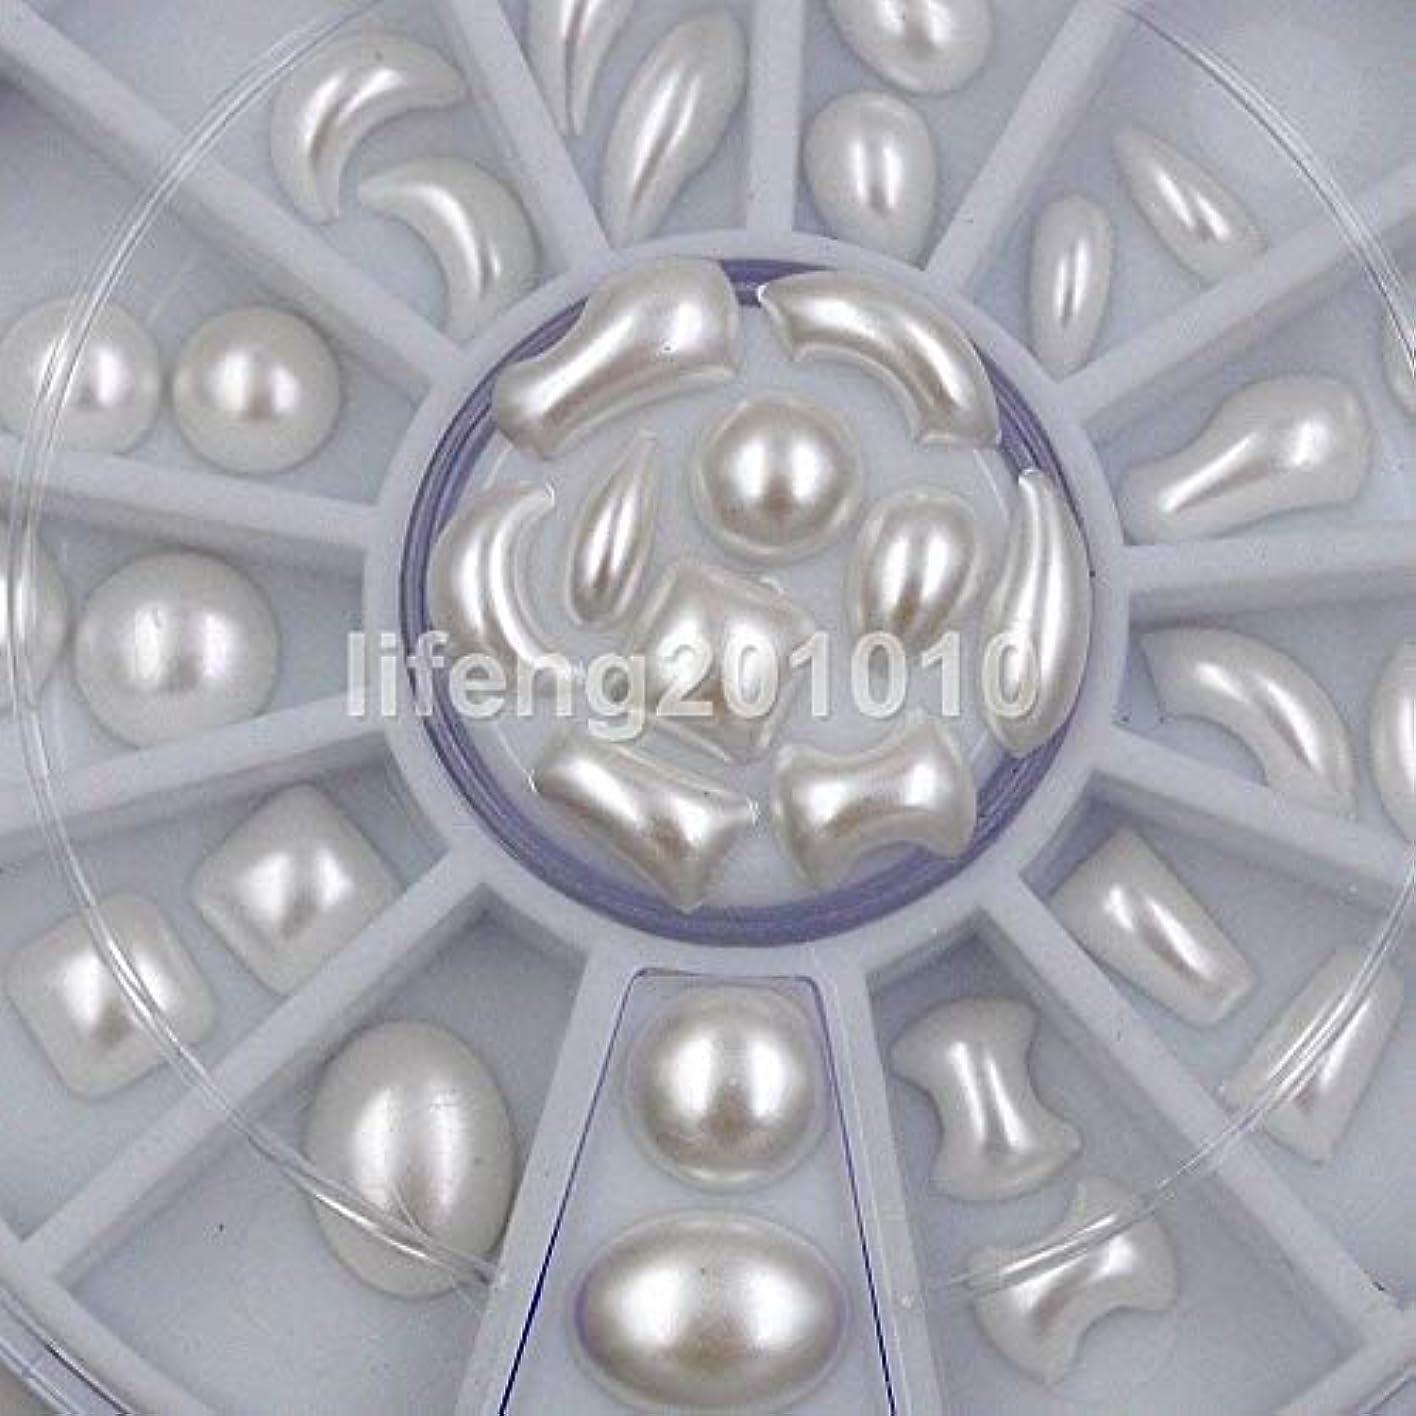 パトロール朝ごはん特徴FidgetGear ミックスデザインホワイト3dグリッターネイルアートデコレーションラインストーンパールホットホイールP